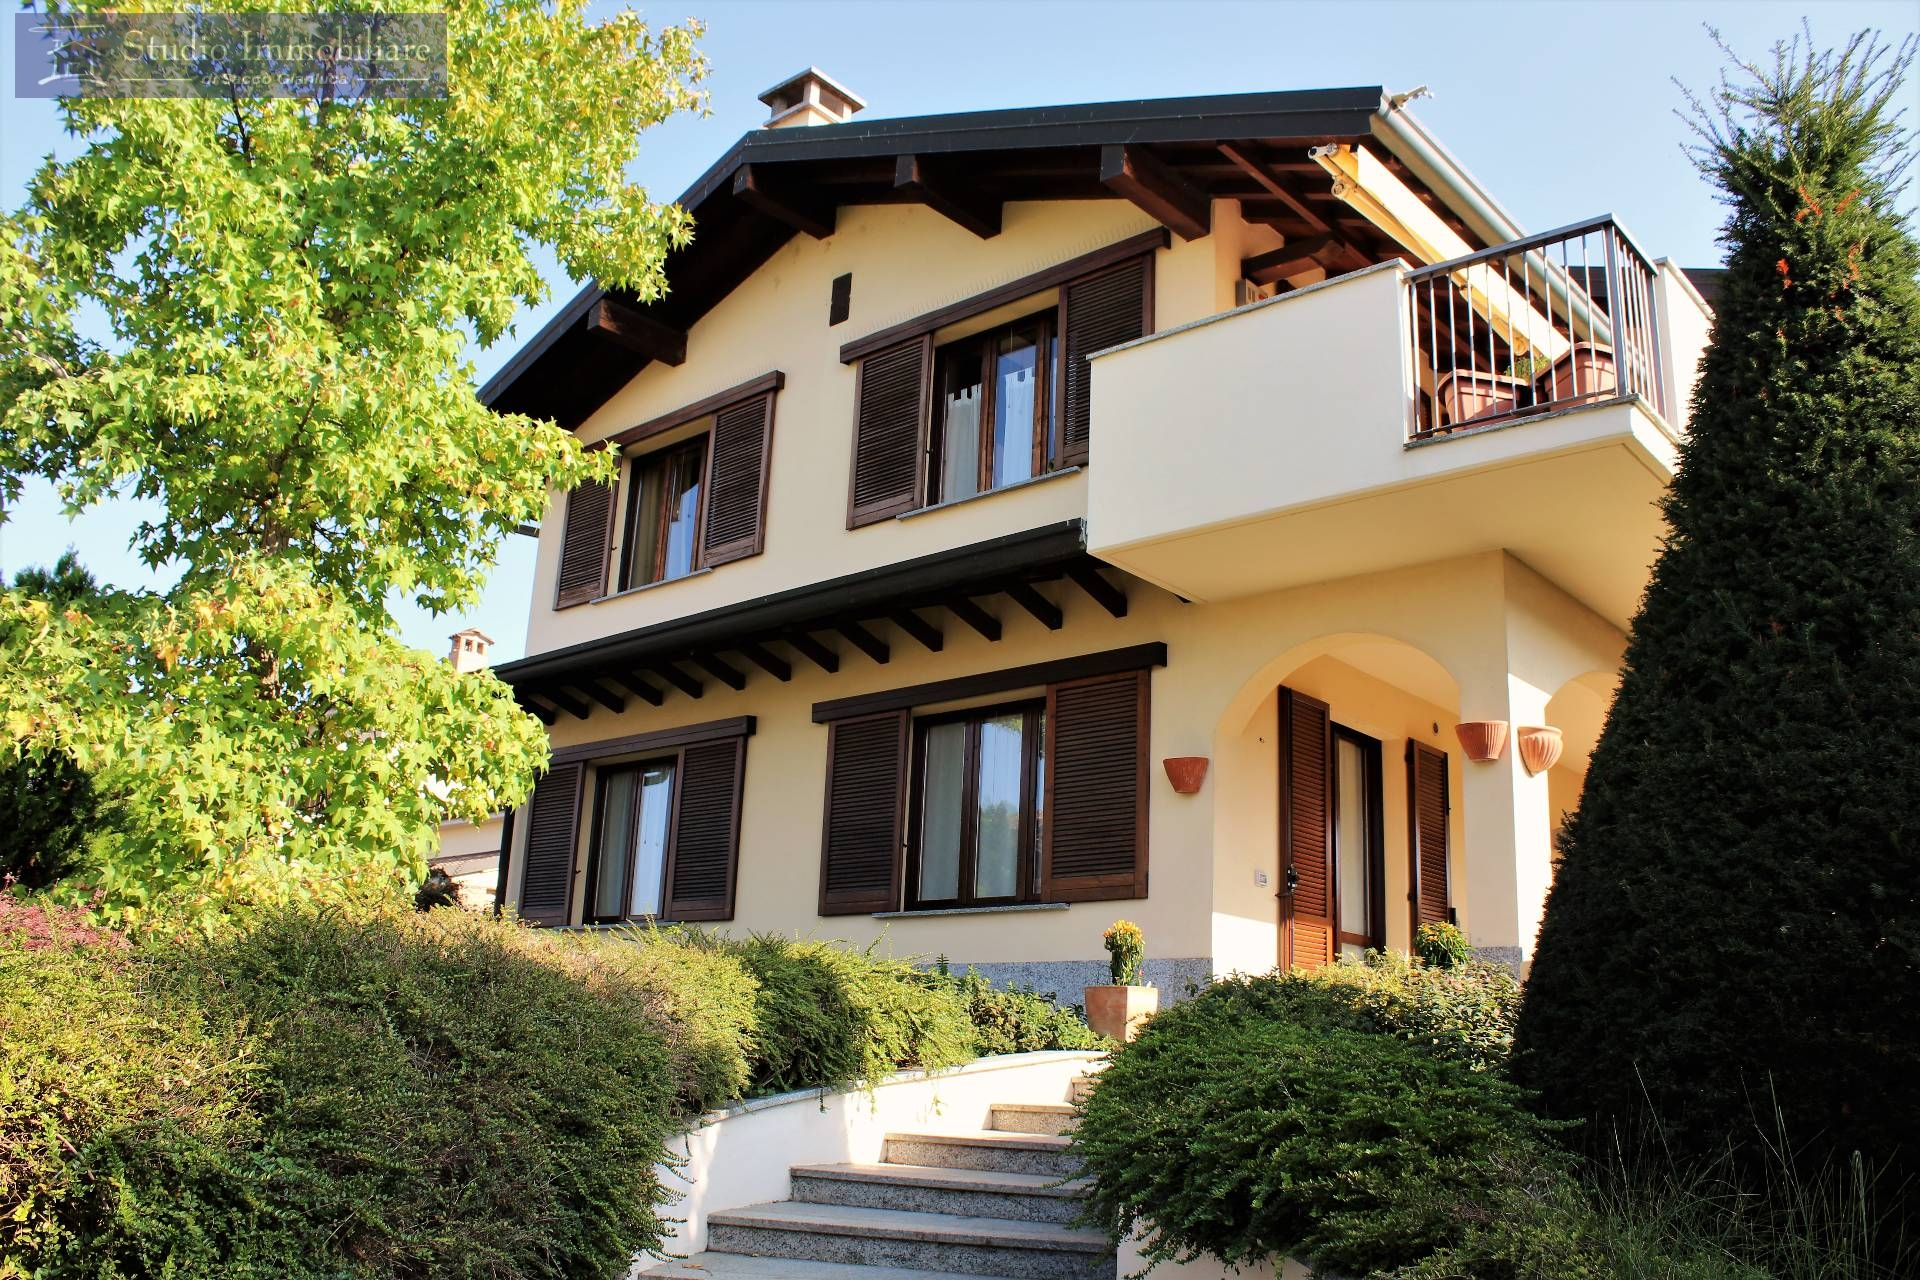 Soluzione Indipendente in vendita a Cava Manara, 5 locali, prezzo € 360.000 | CambioCasa.it